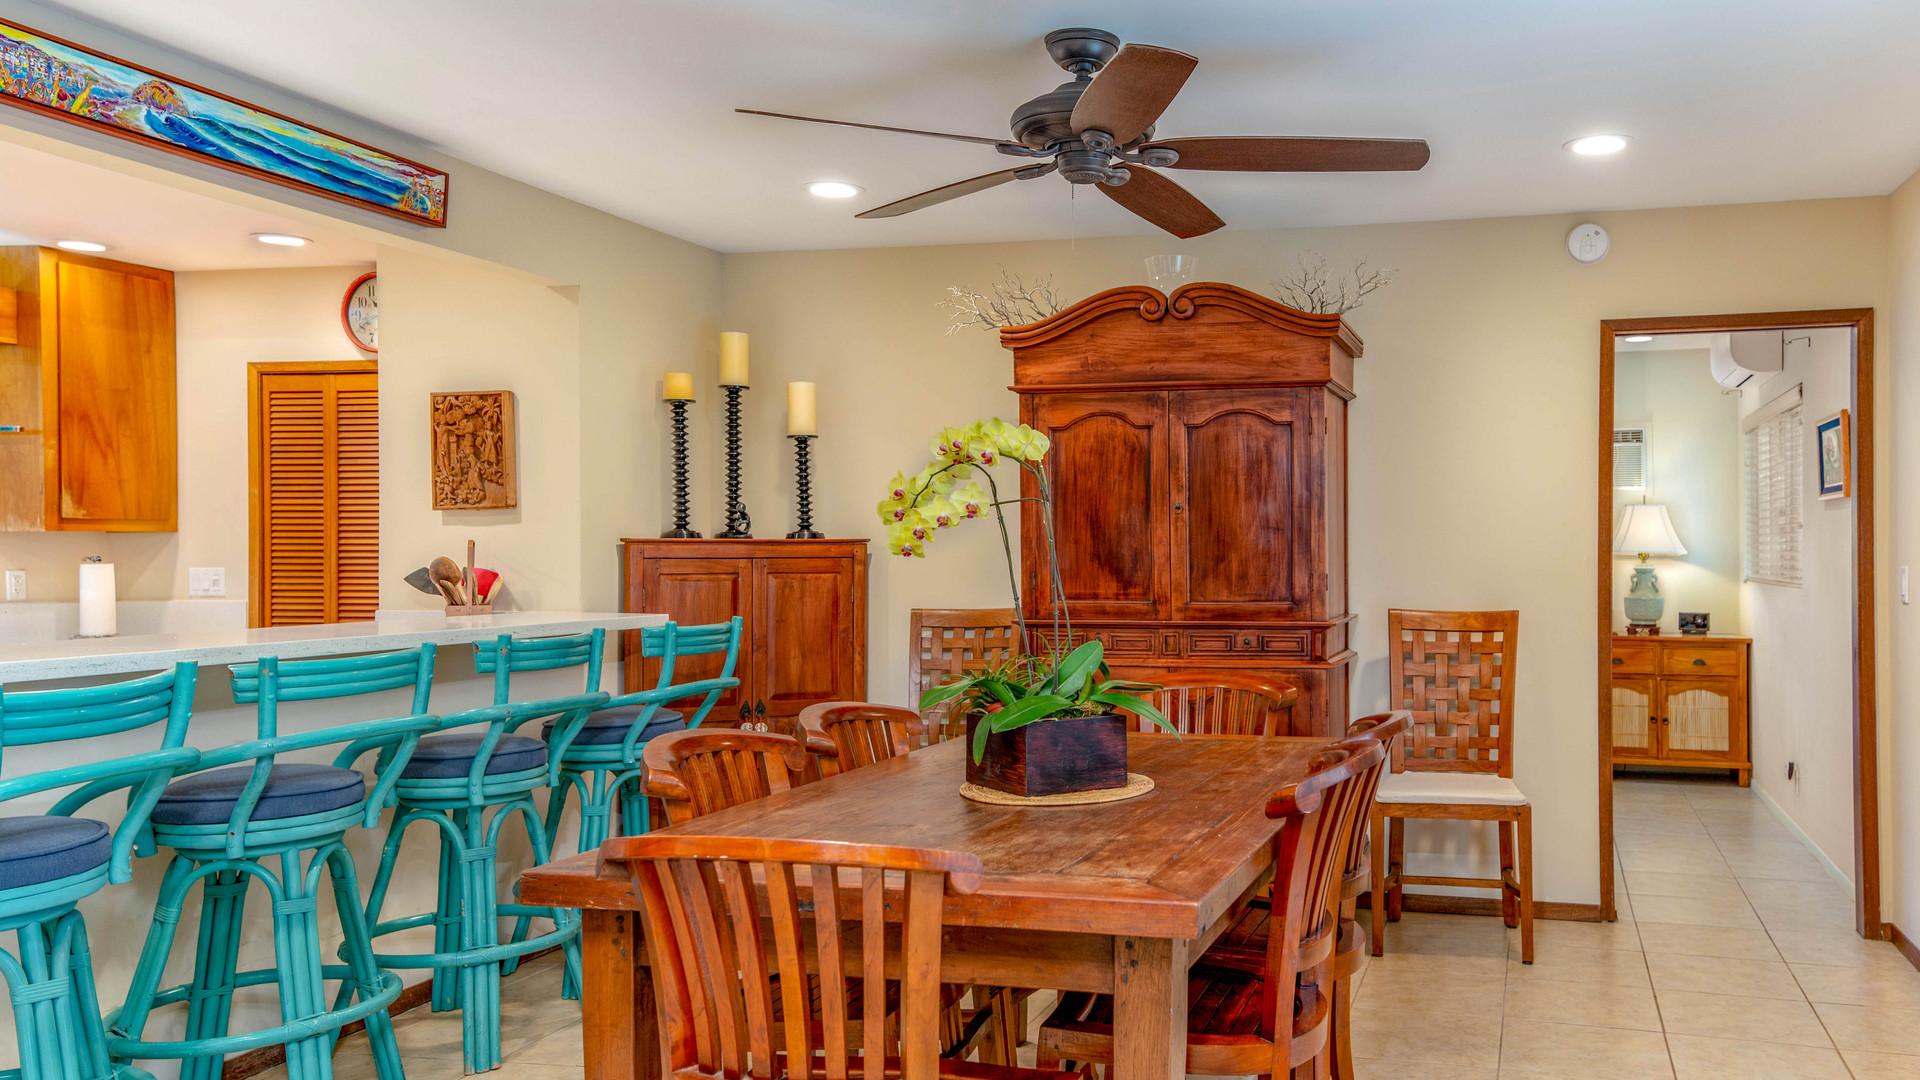 9-Dining room 1.jpg